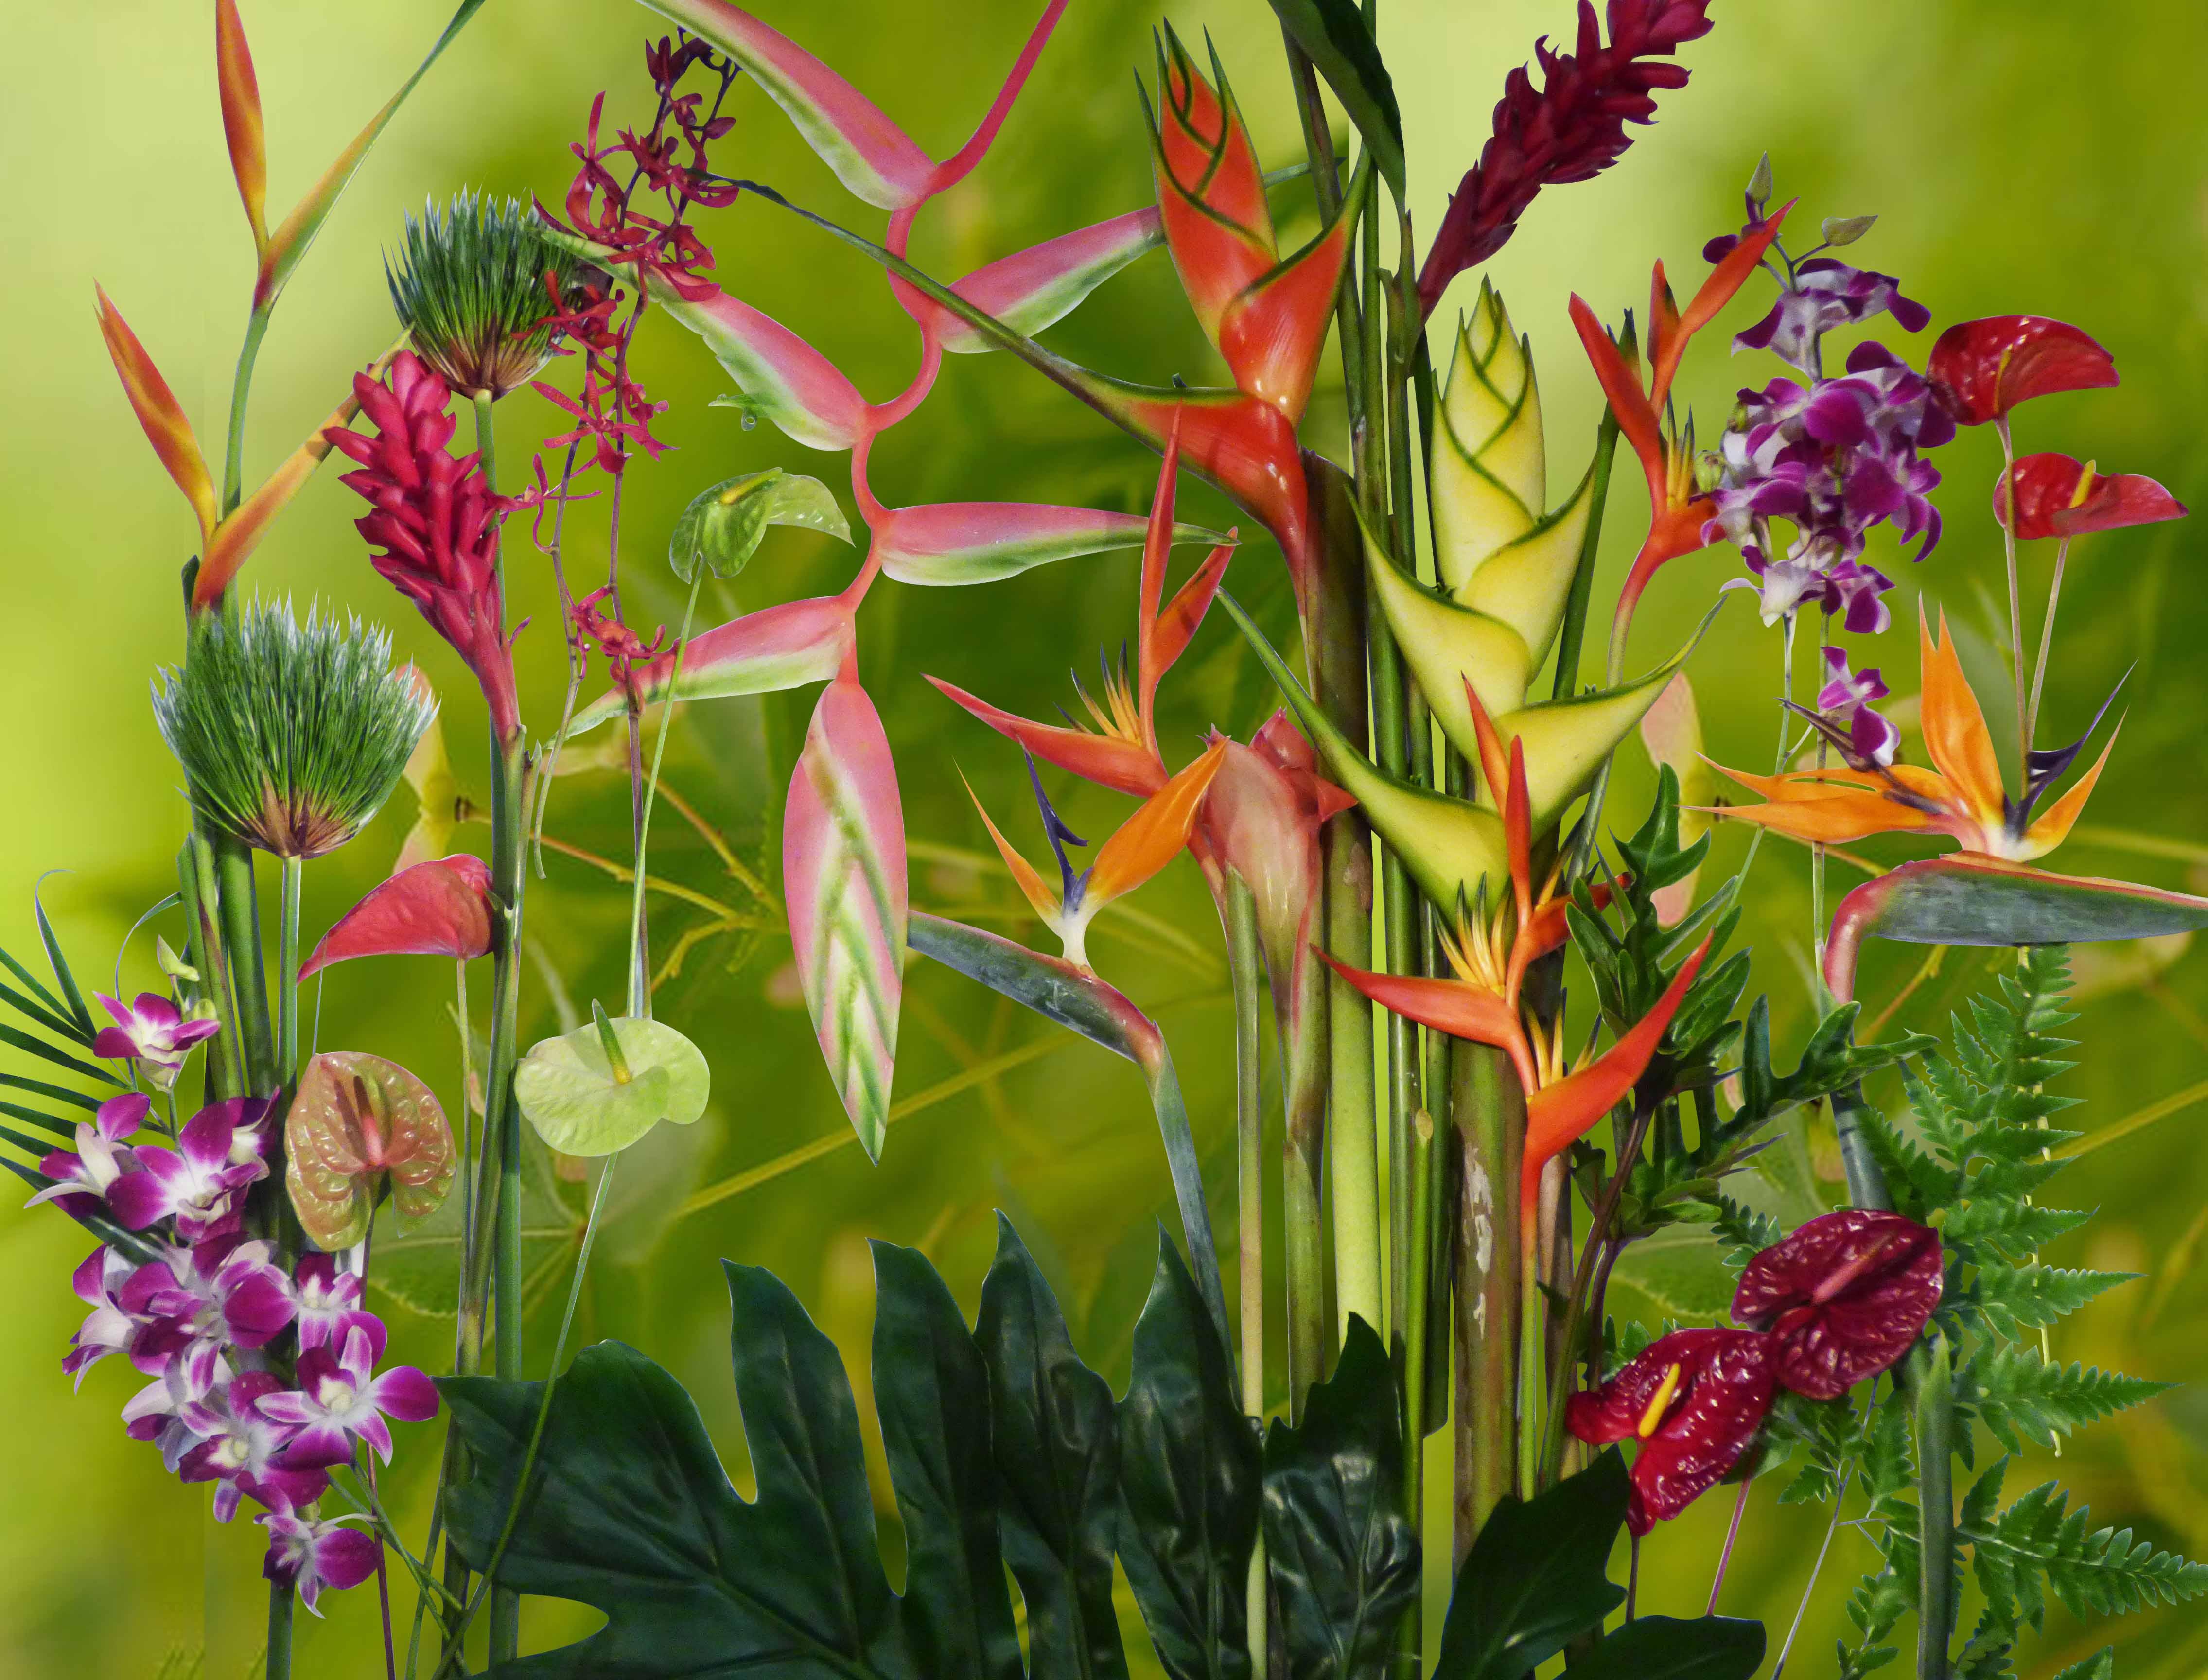 Résultat d'images pour image fleurs